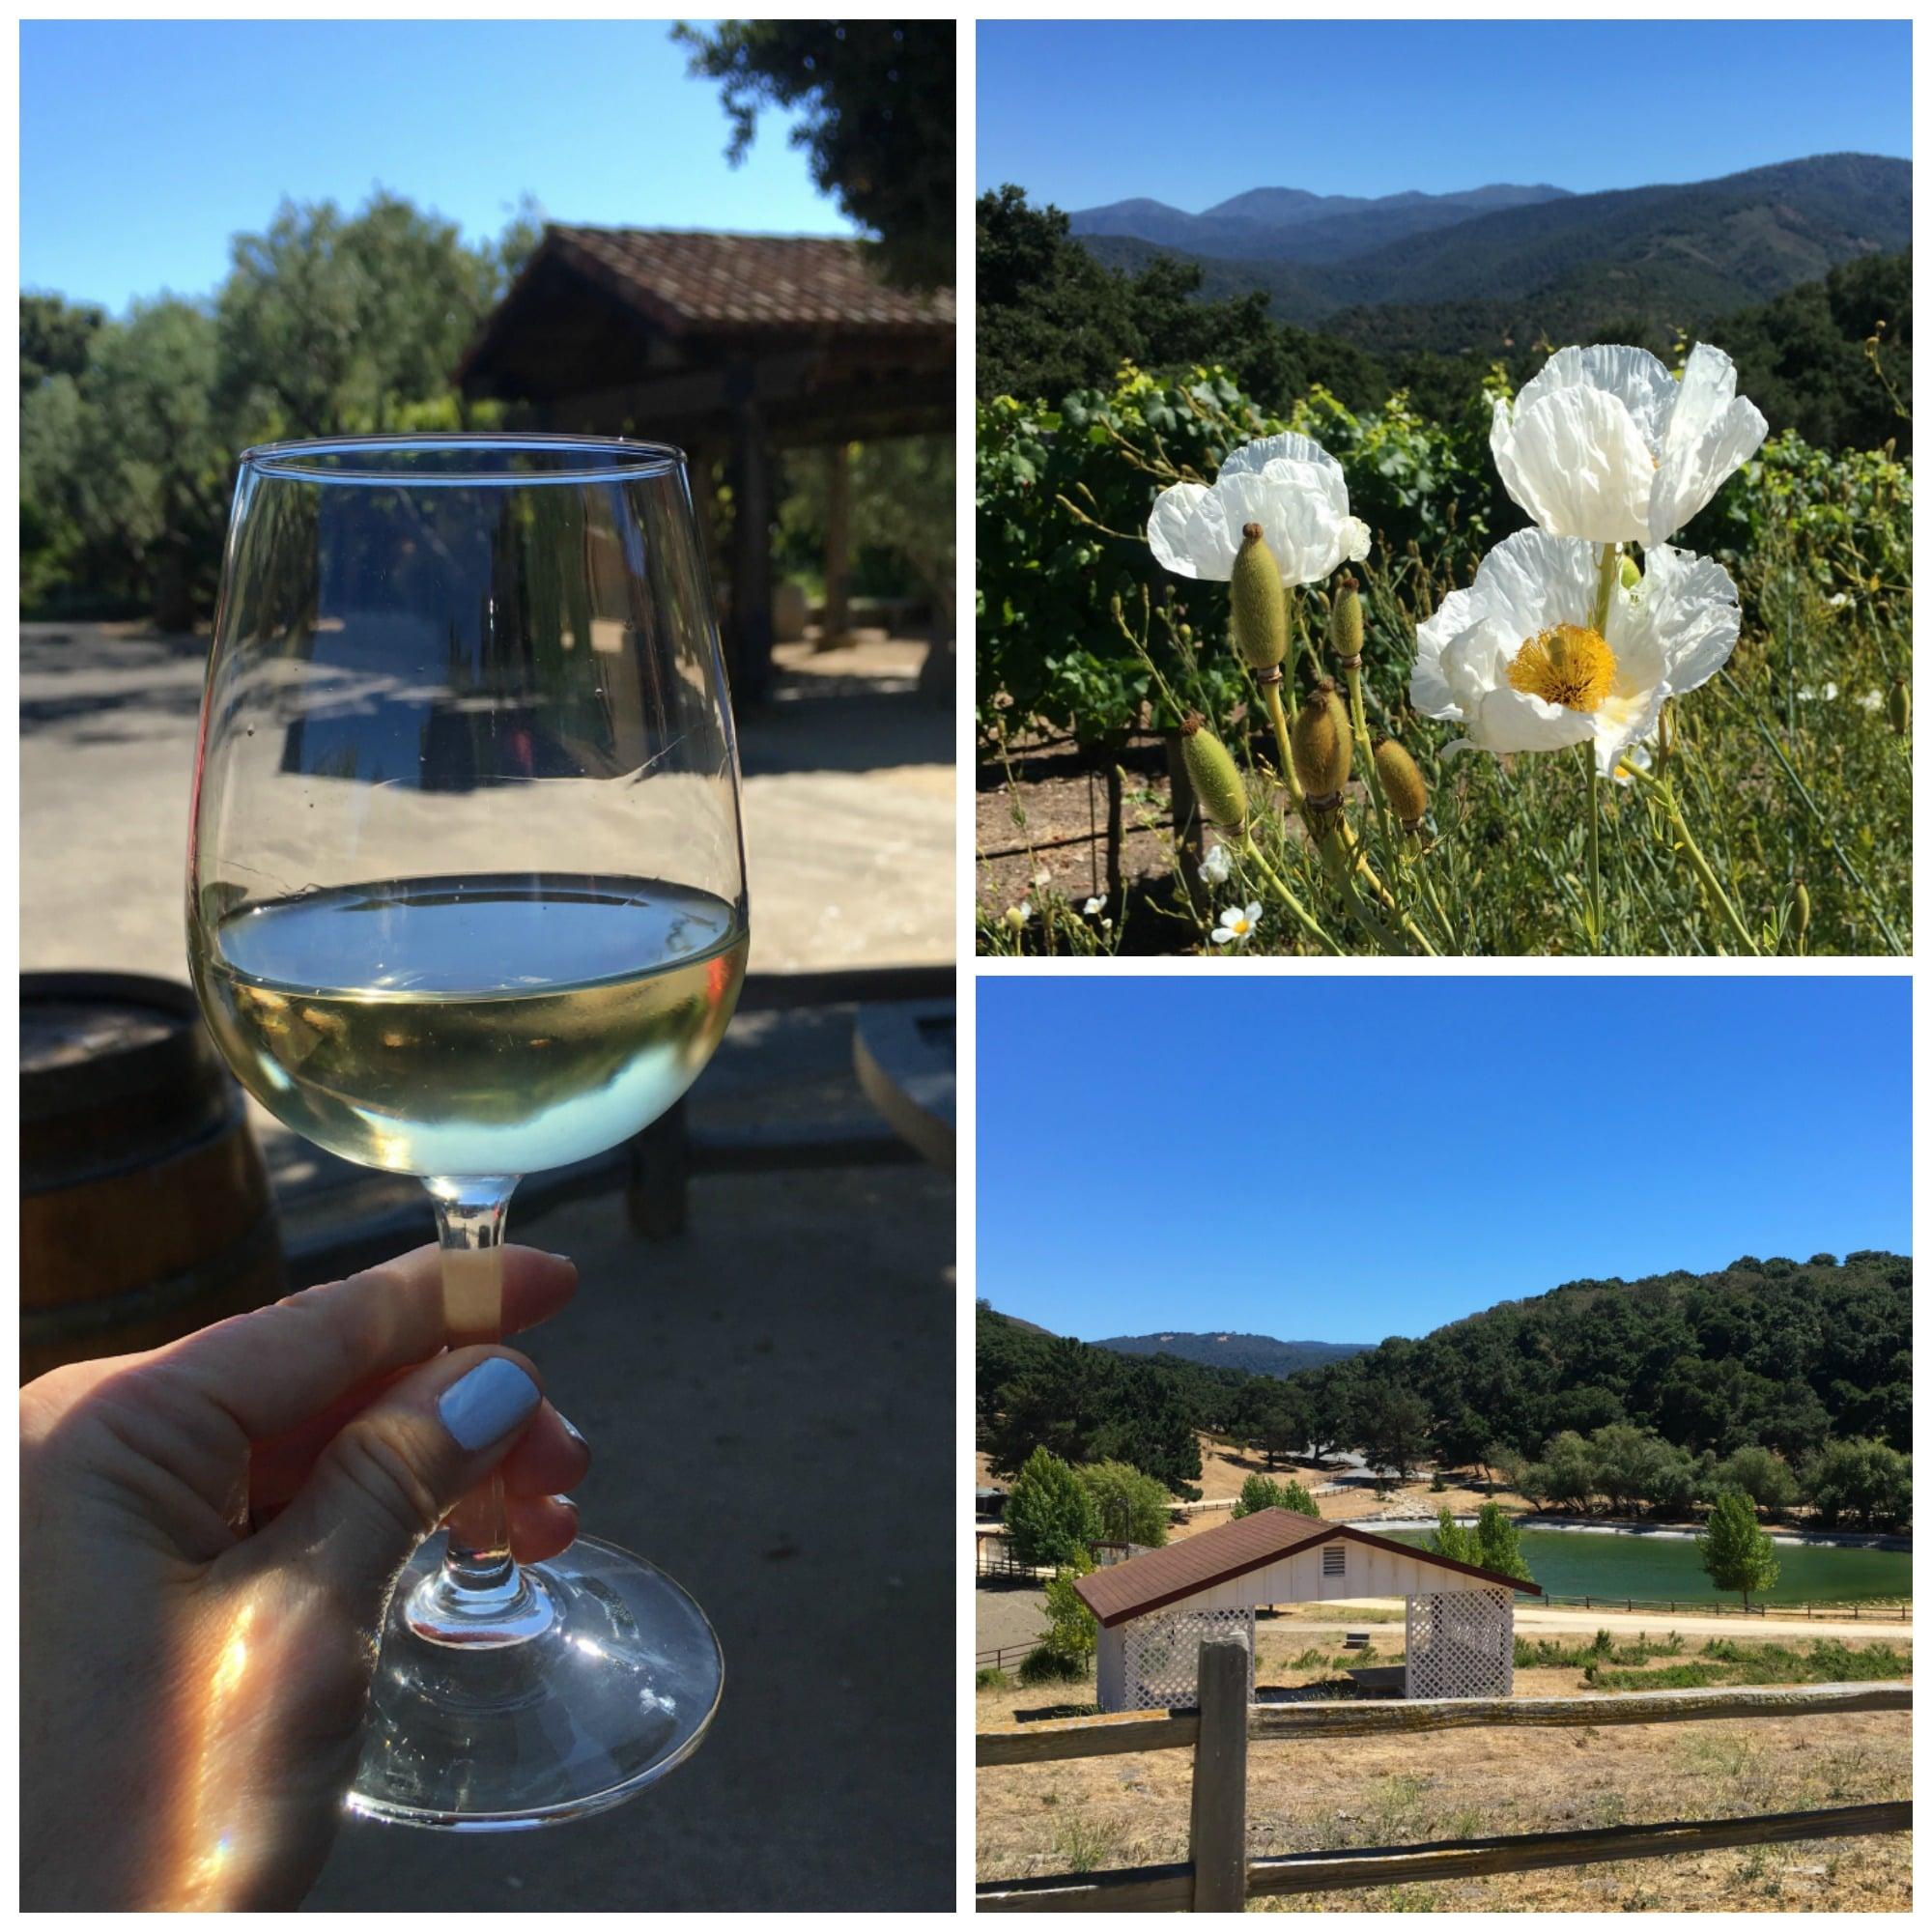 Holman Ranch in Carmel Valley